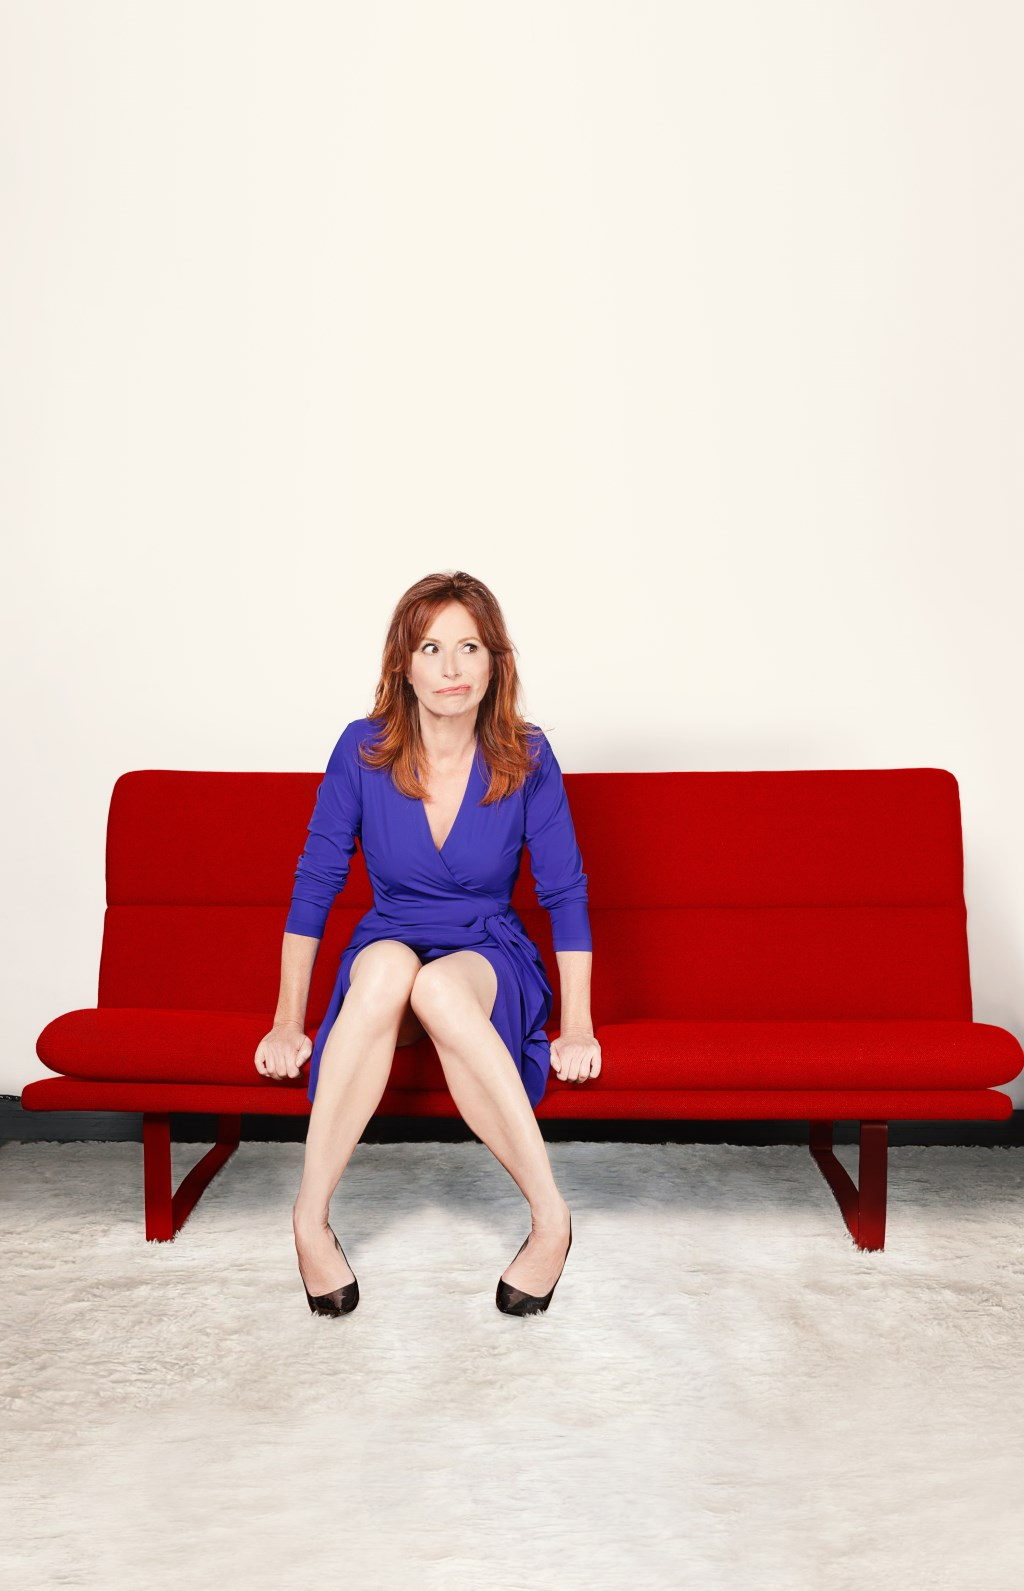 Op vrijdag 5 april staat Marian Mudder in huiskamertheater De Verwachting met haar cabaretvoorstelling 'Sofasessies'.